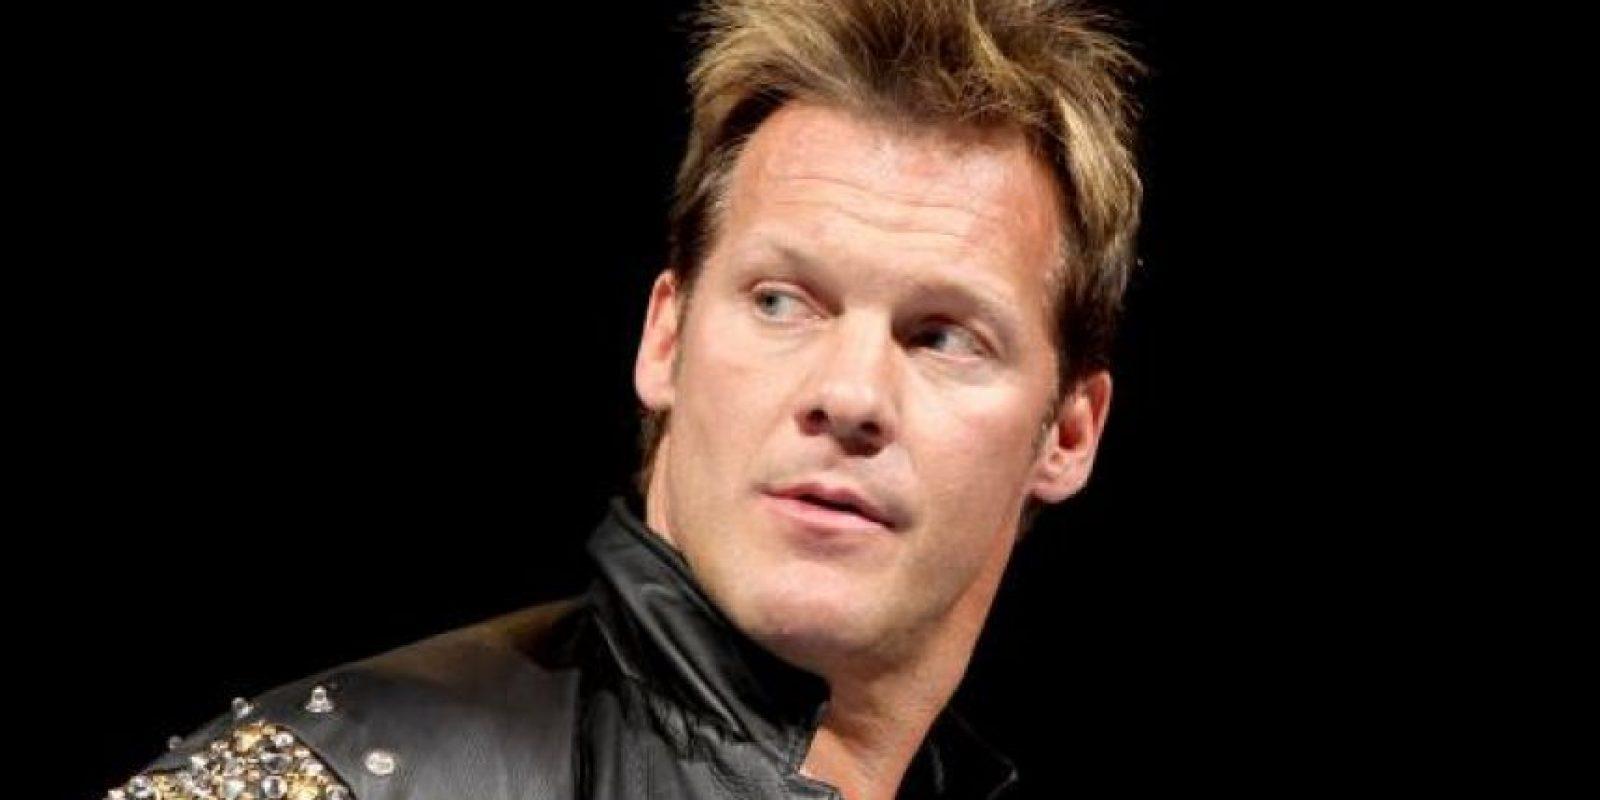 Chris Jericho. El carismático luchador tiene 44 años Foto:WWE